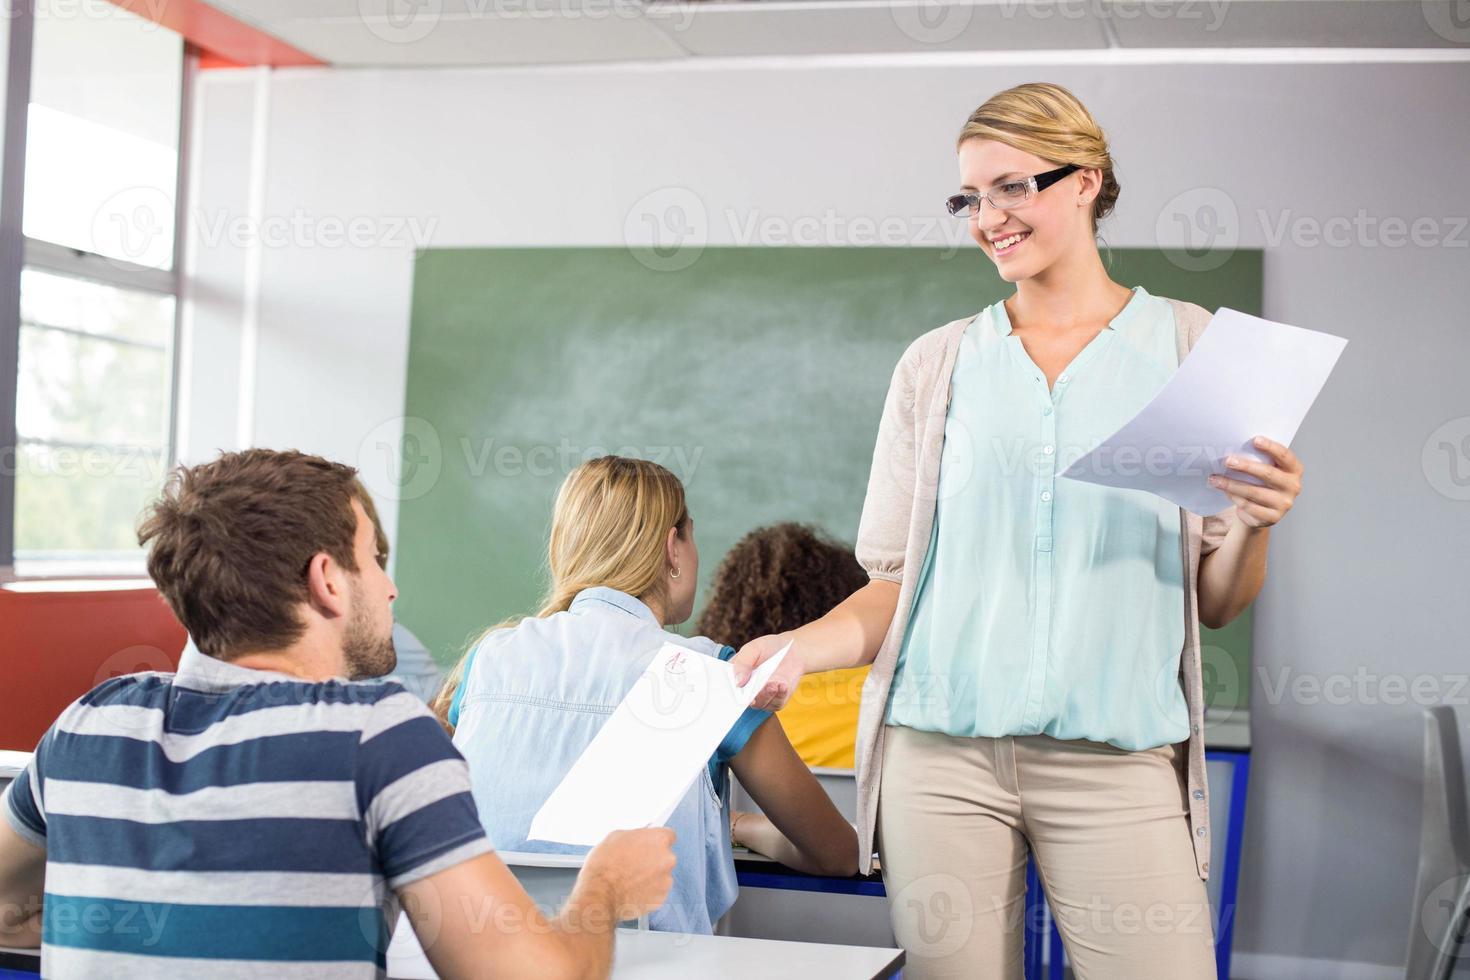 profesor entregando papel al alumno en clase foto